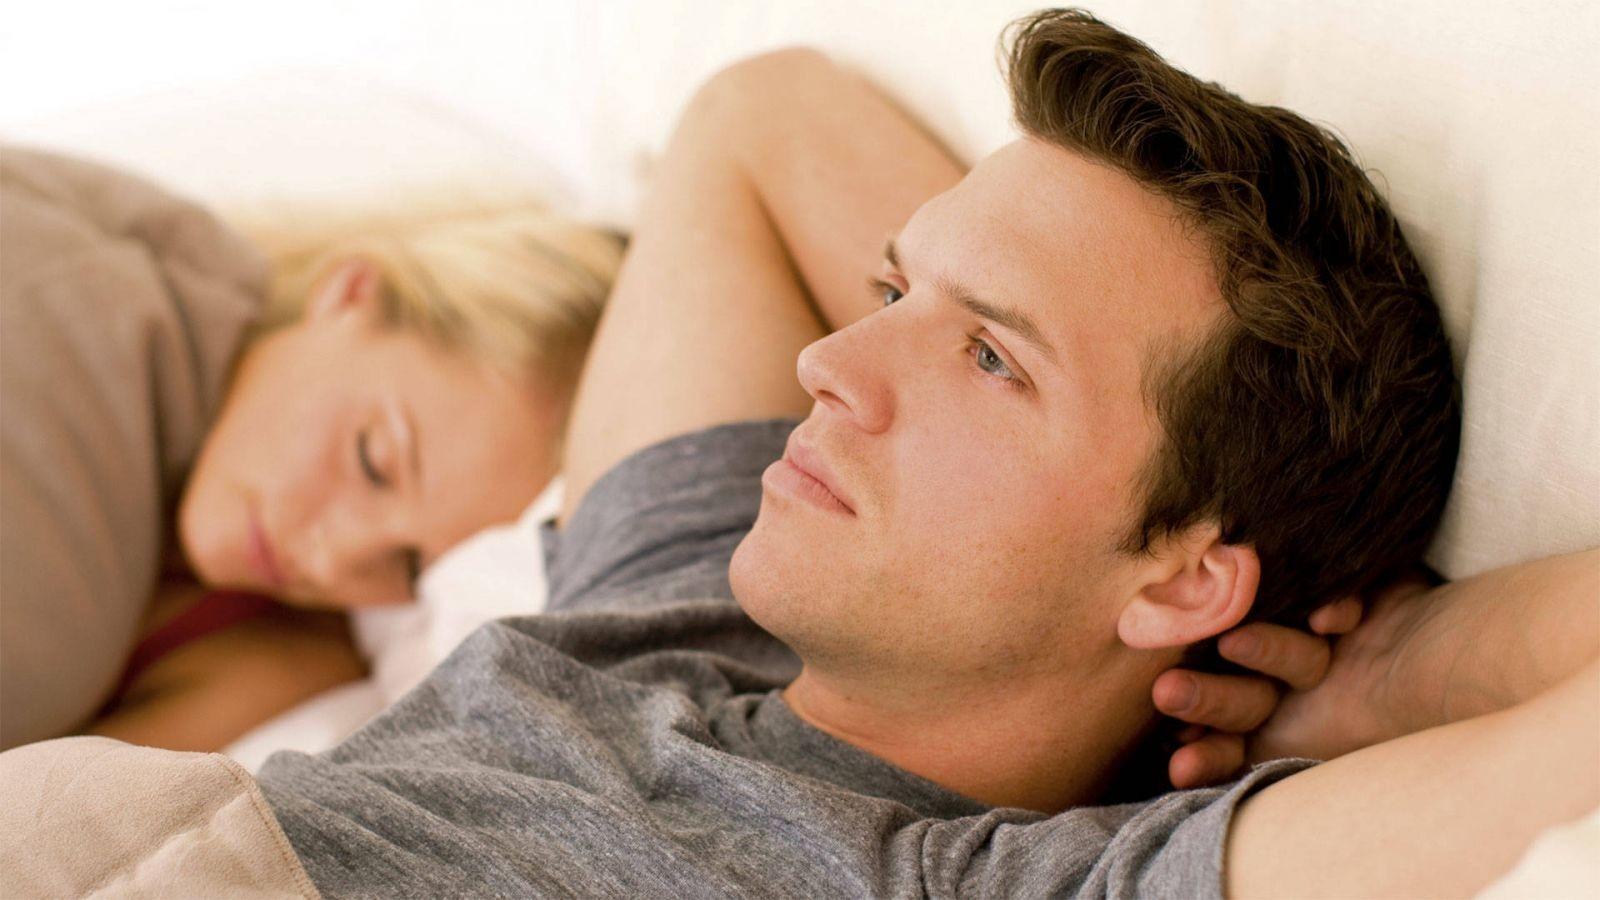 Chứng di tinh ở nam giới xuất hiện khi ngủ gọi là mộng tinh